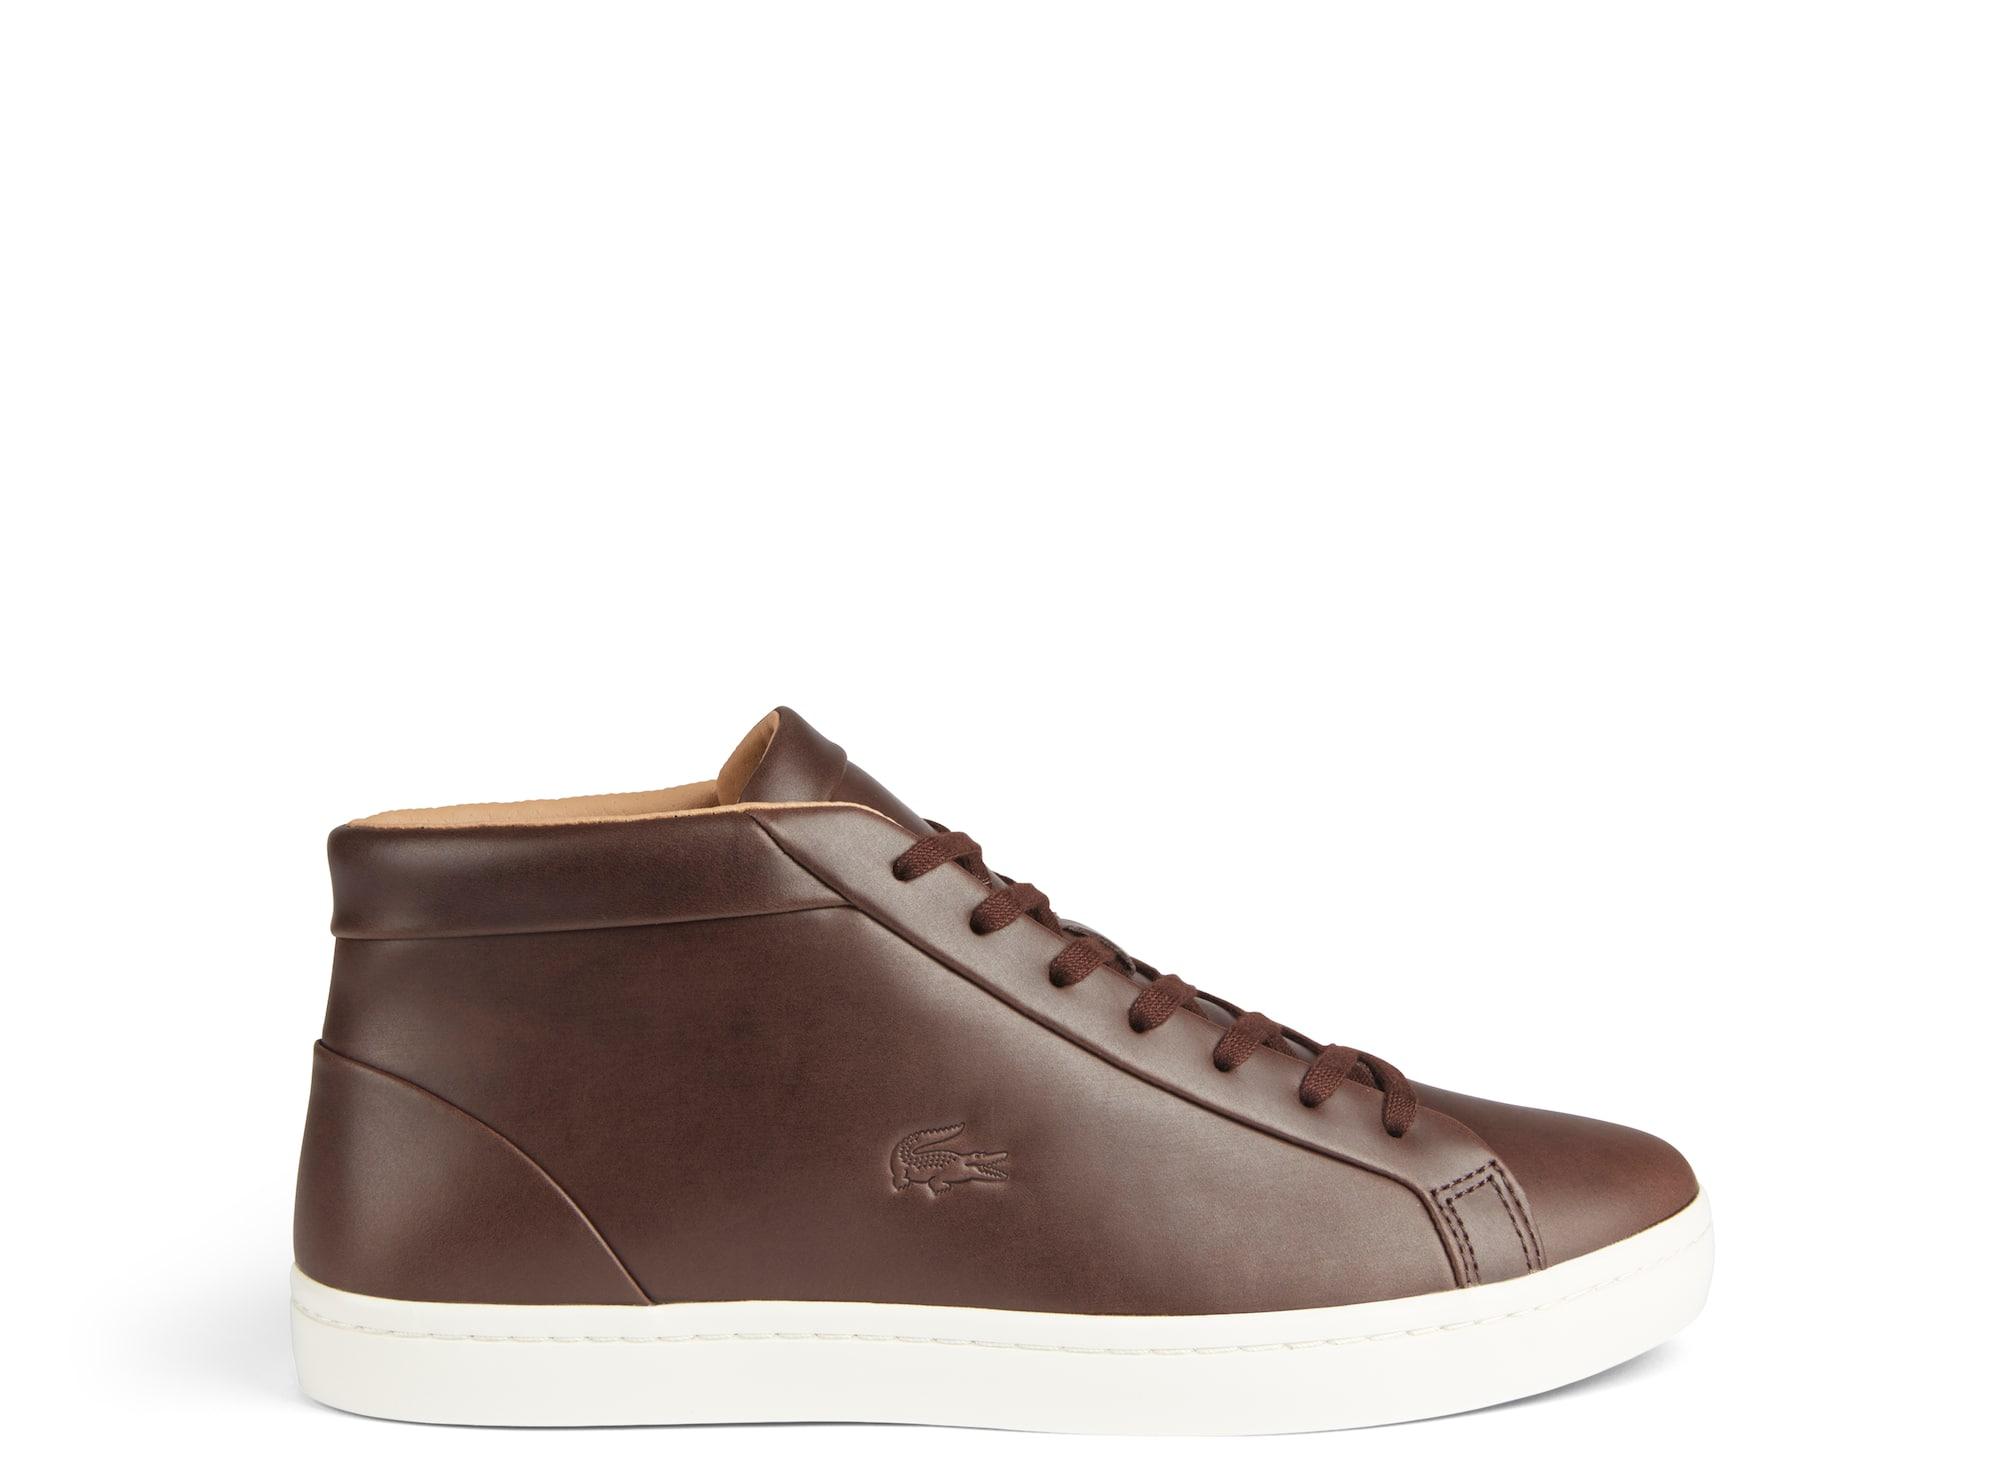 Men's Straightset Chukka Leather Sneakers